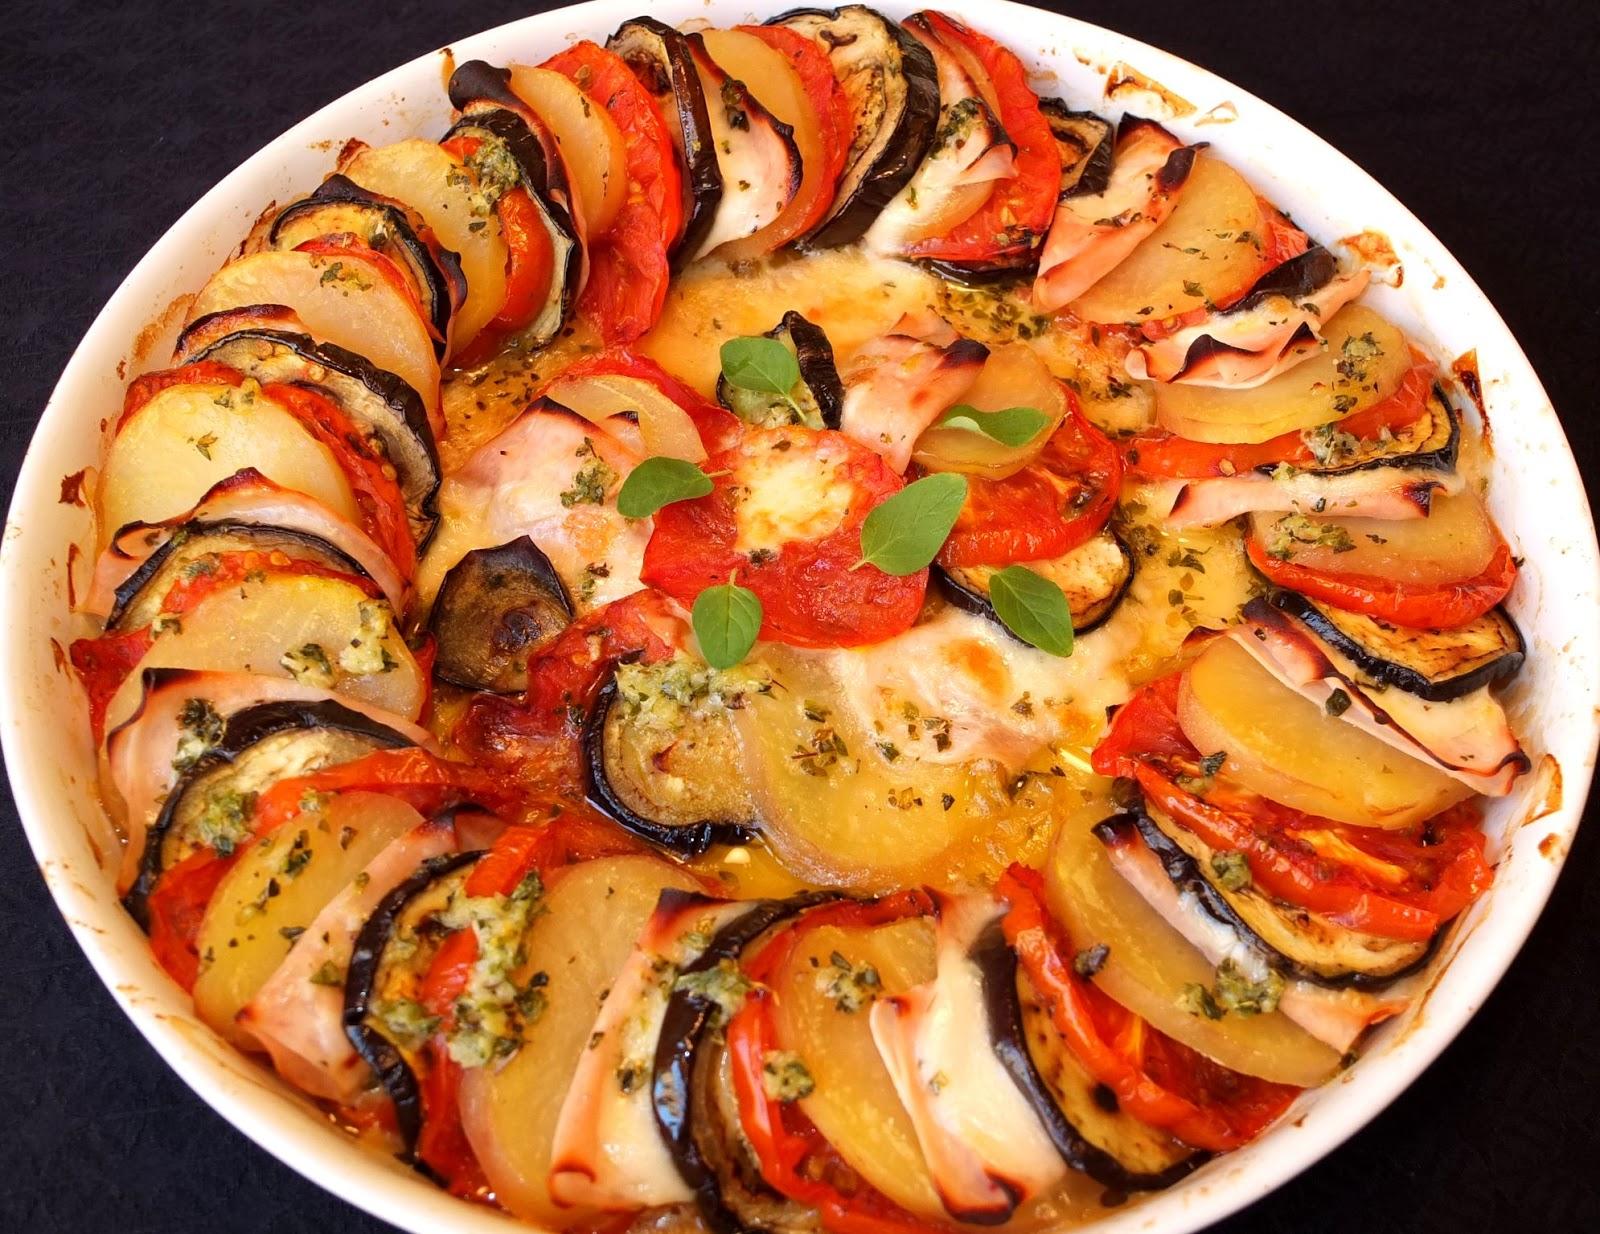 Cocinando con lola garc a berenjena con patata y mozzarella - Berenjenas con mozzarella ...